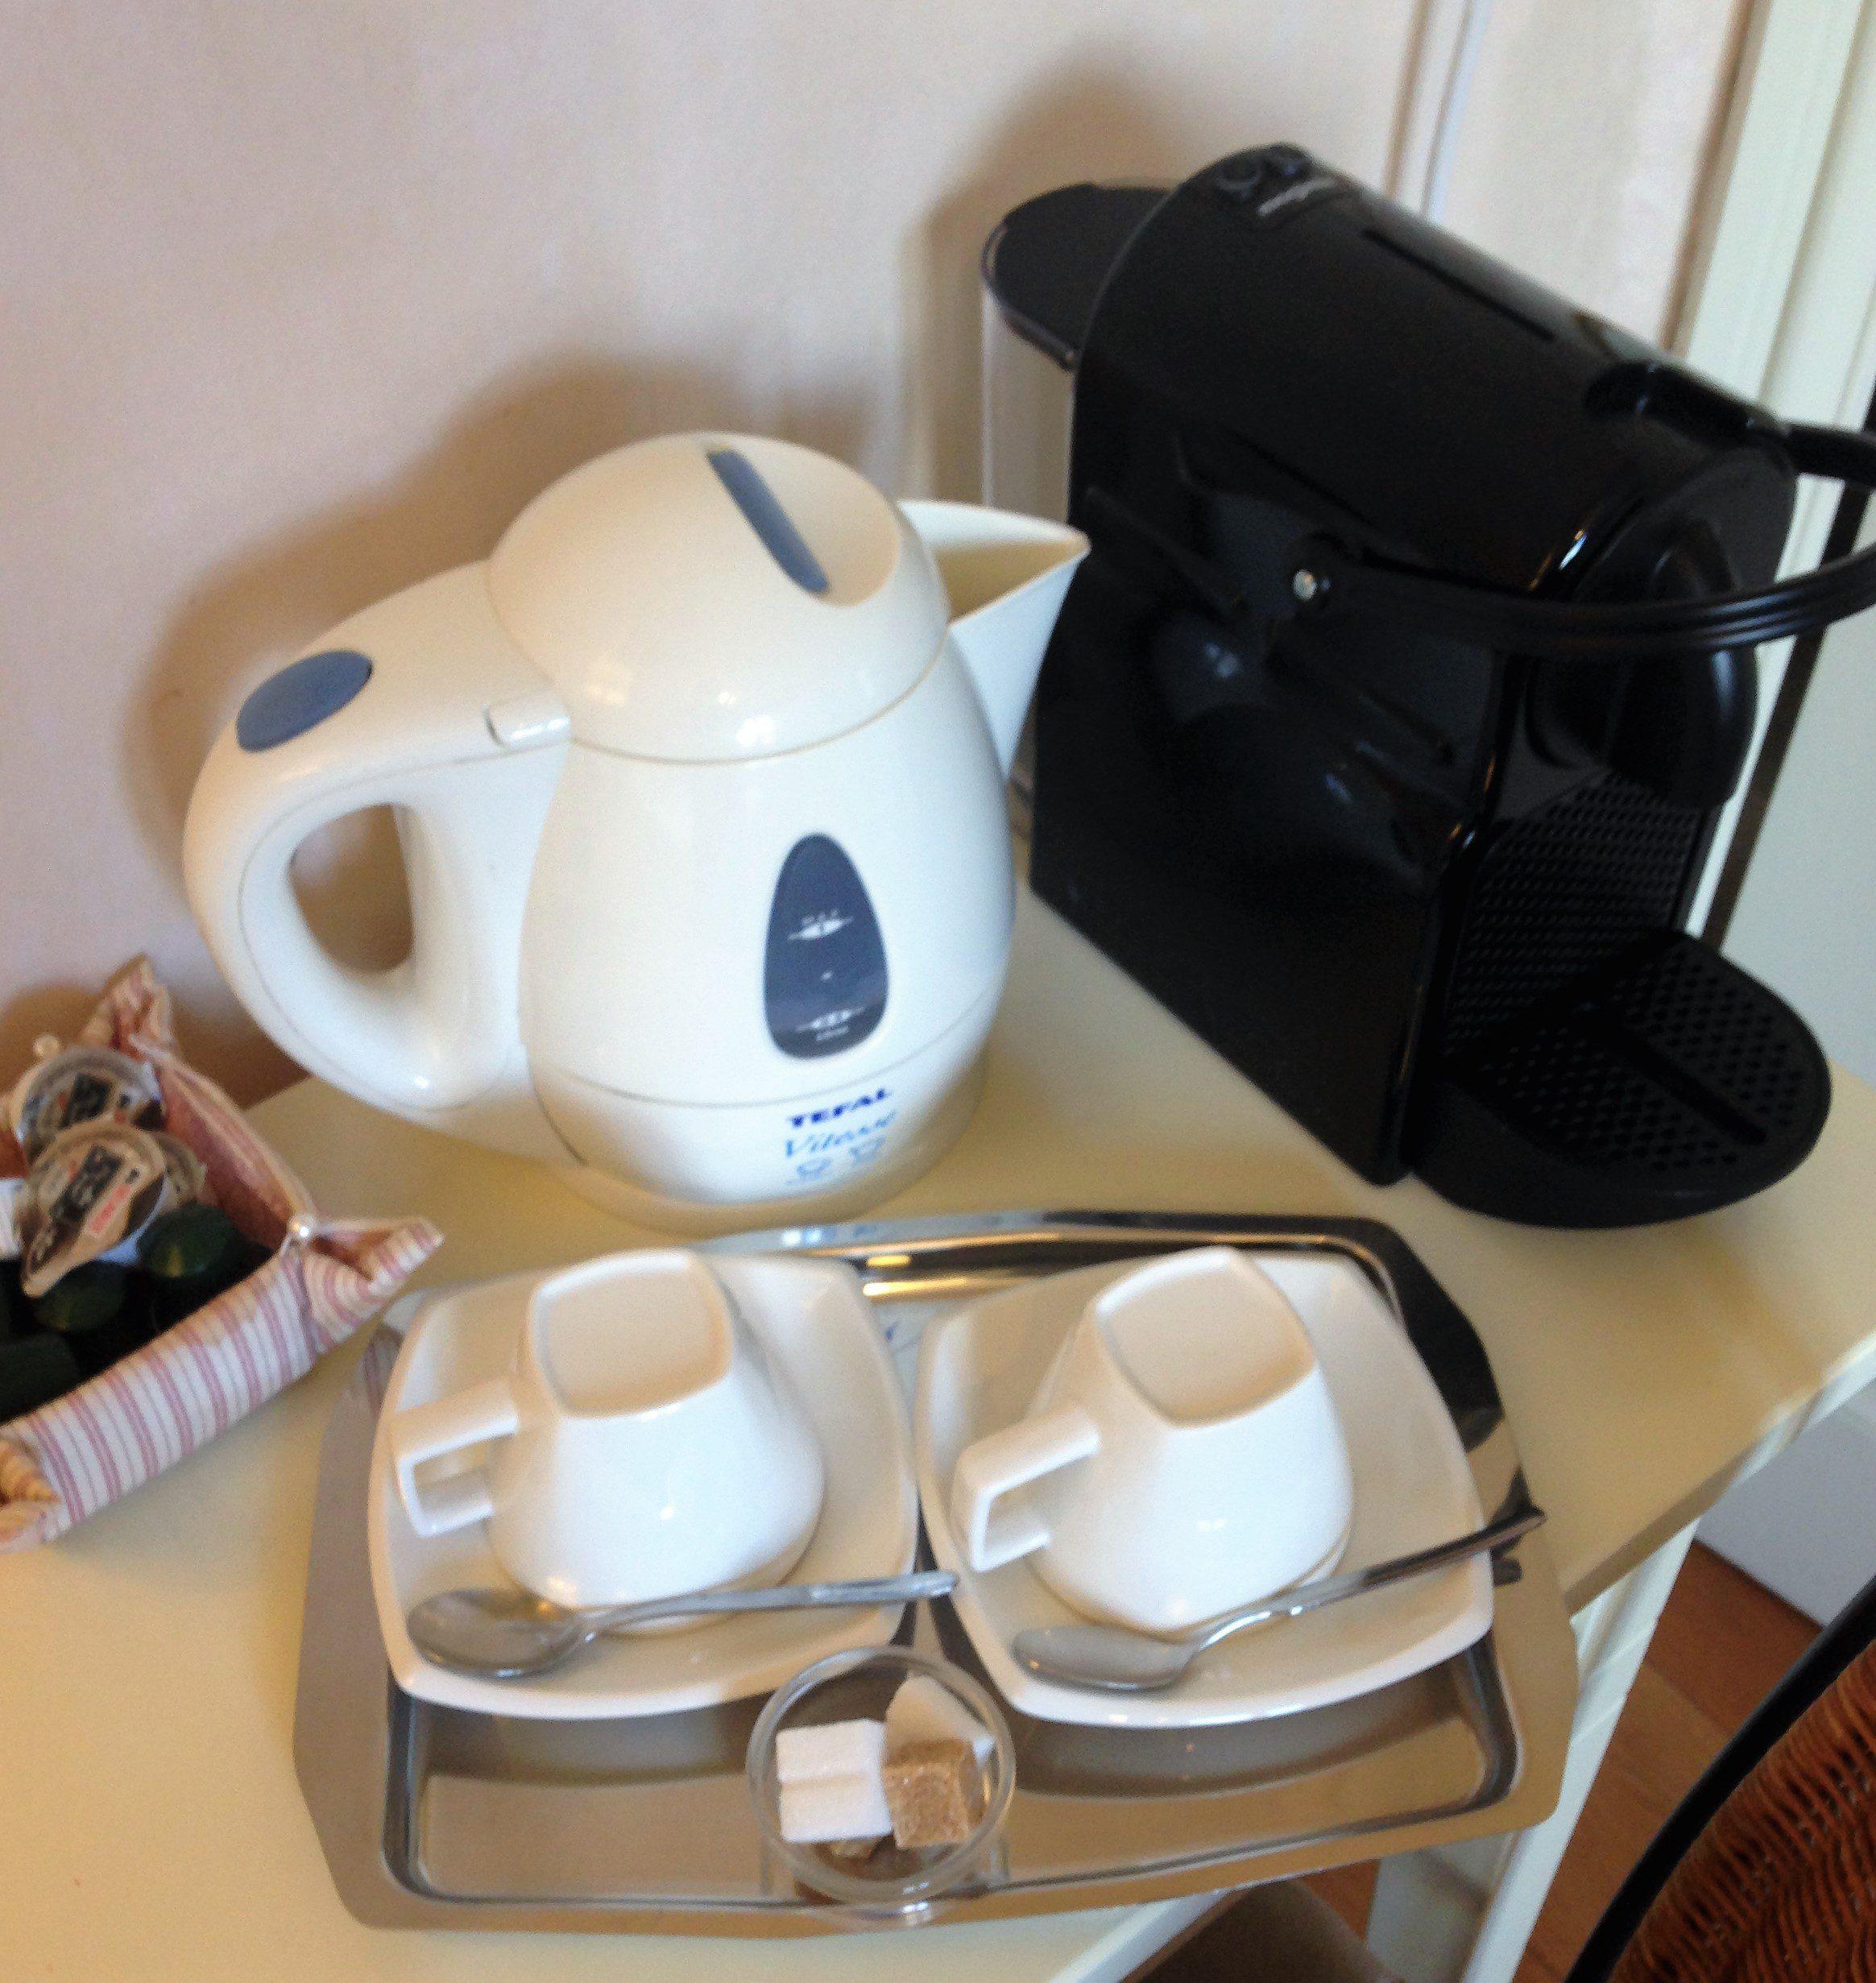 Coupure Bed & Breakfast Brugge - koffie op de kamer